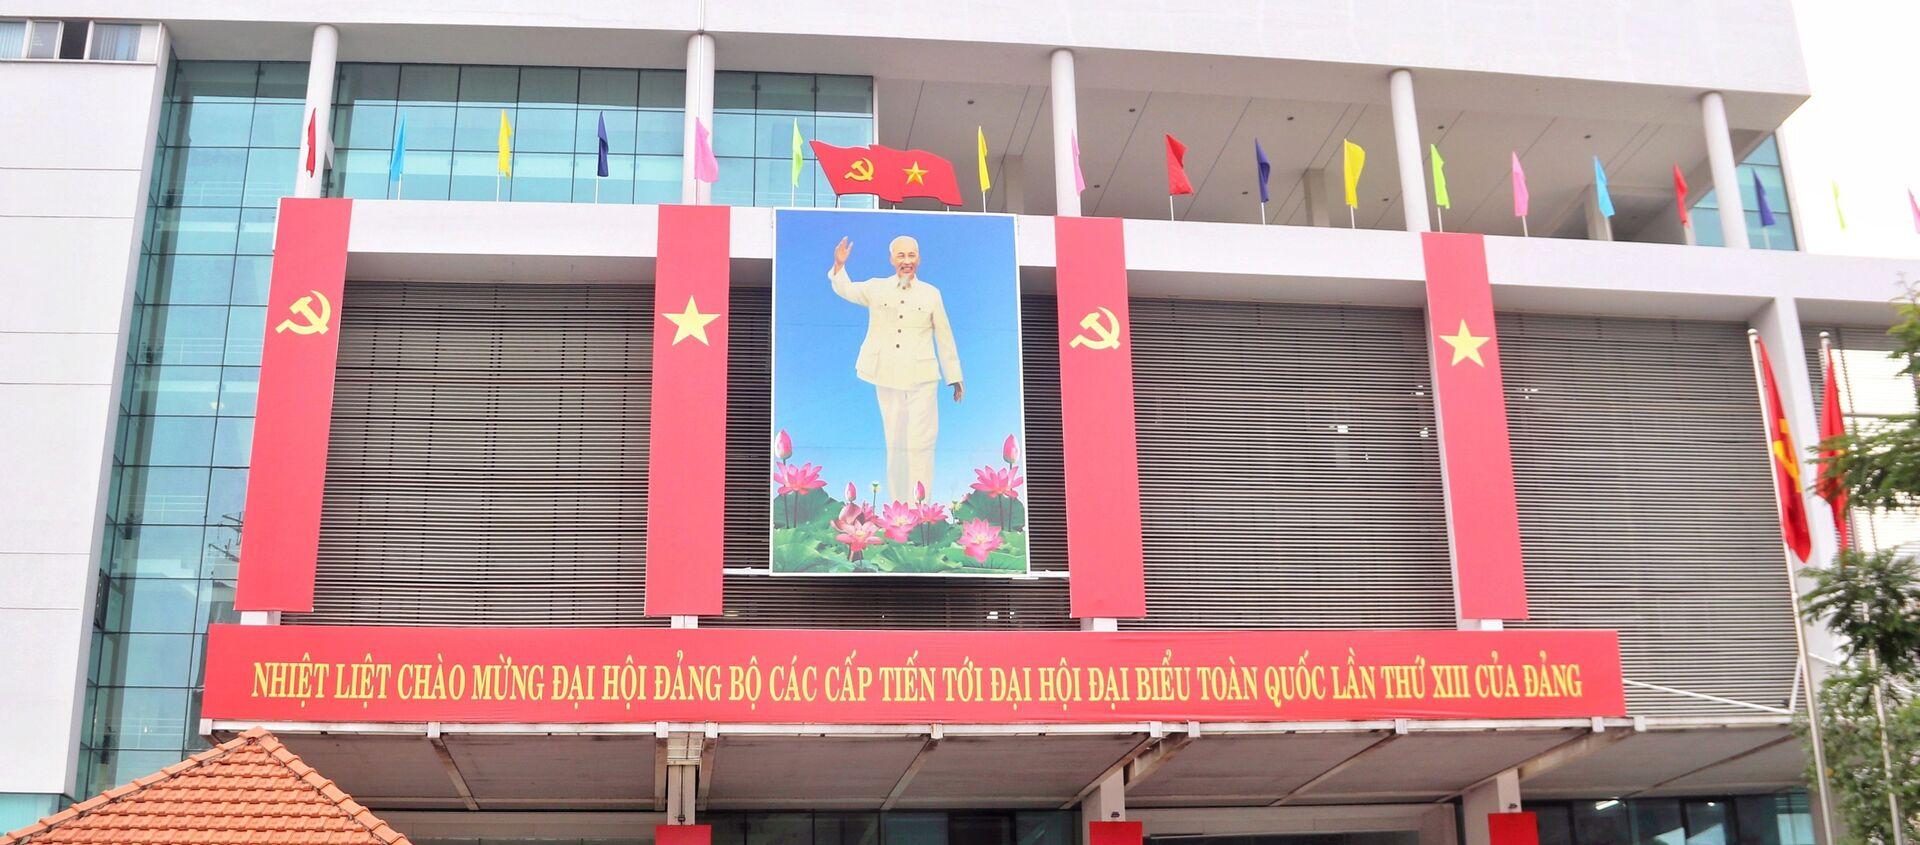 Thành phố Hồ Chí Minh rực rỡ cờ hoa chào mừng Đại hội đại biểu toàn quốc lần thứ XIII của Đảng - Sputnik Việt Nam, 1920, 21.01.2021